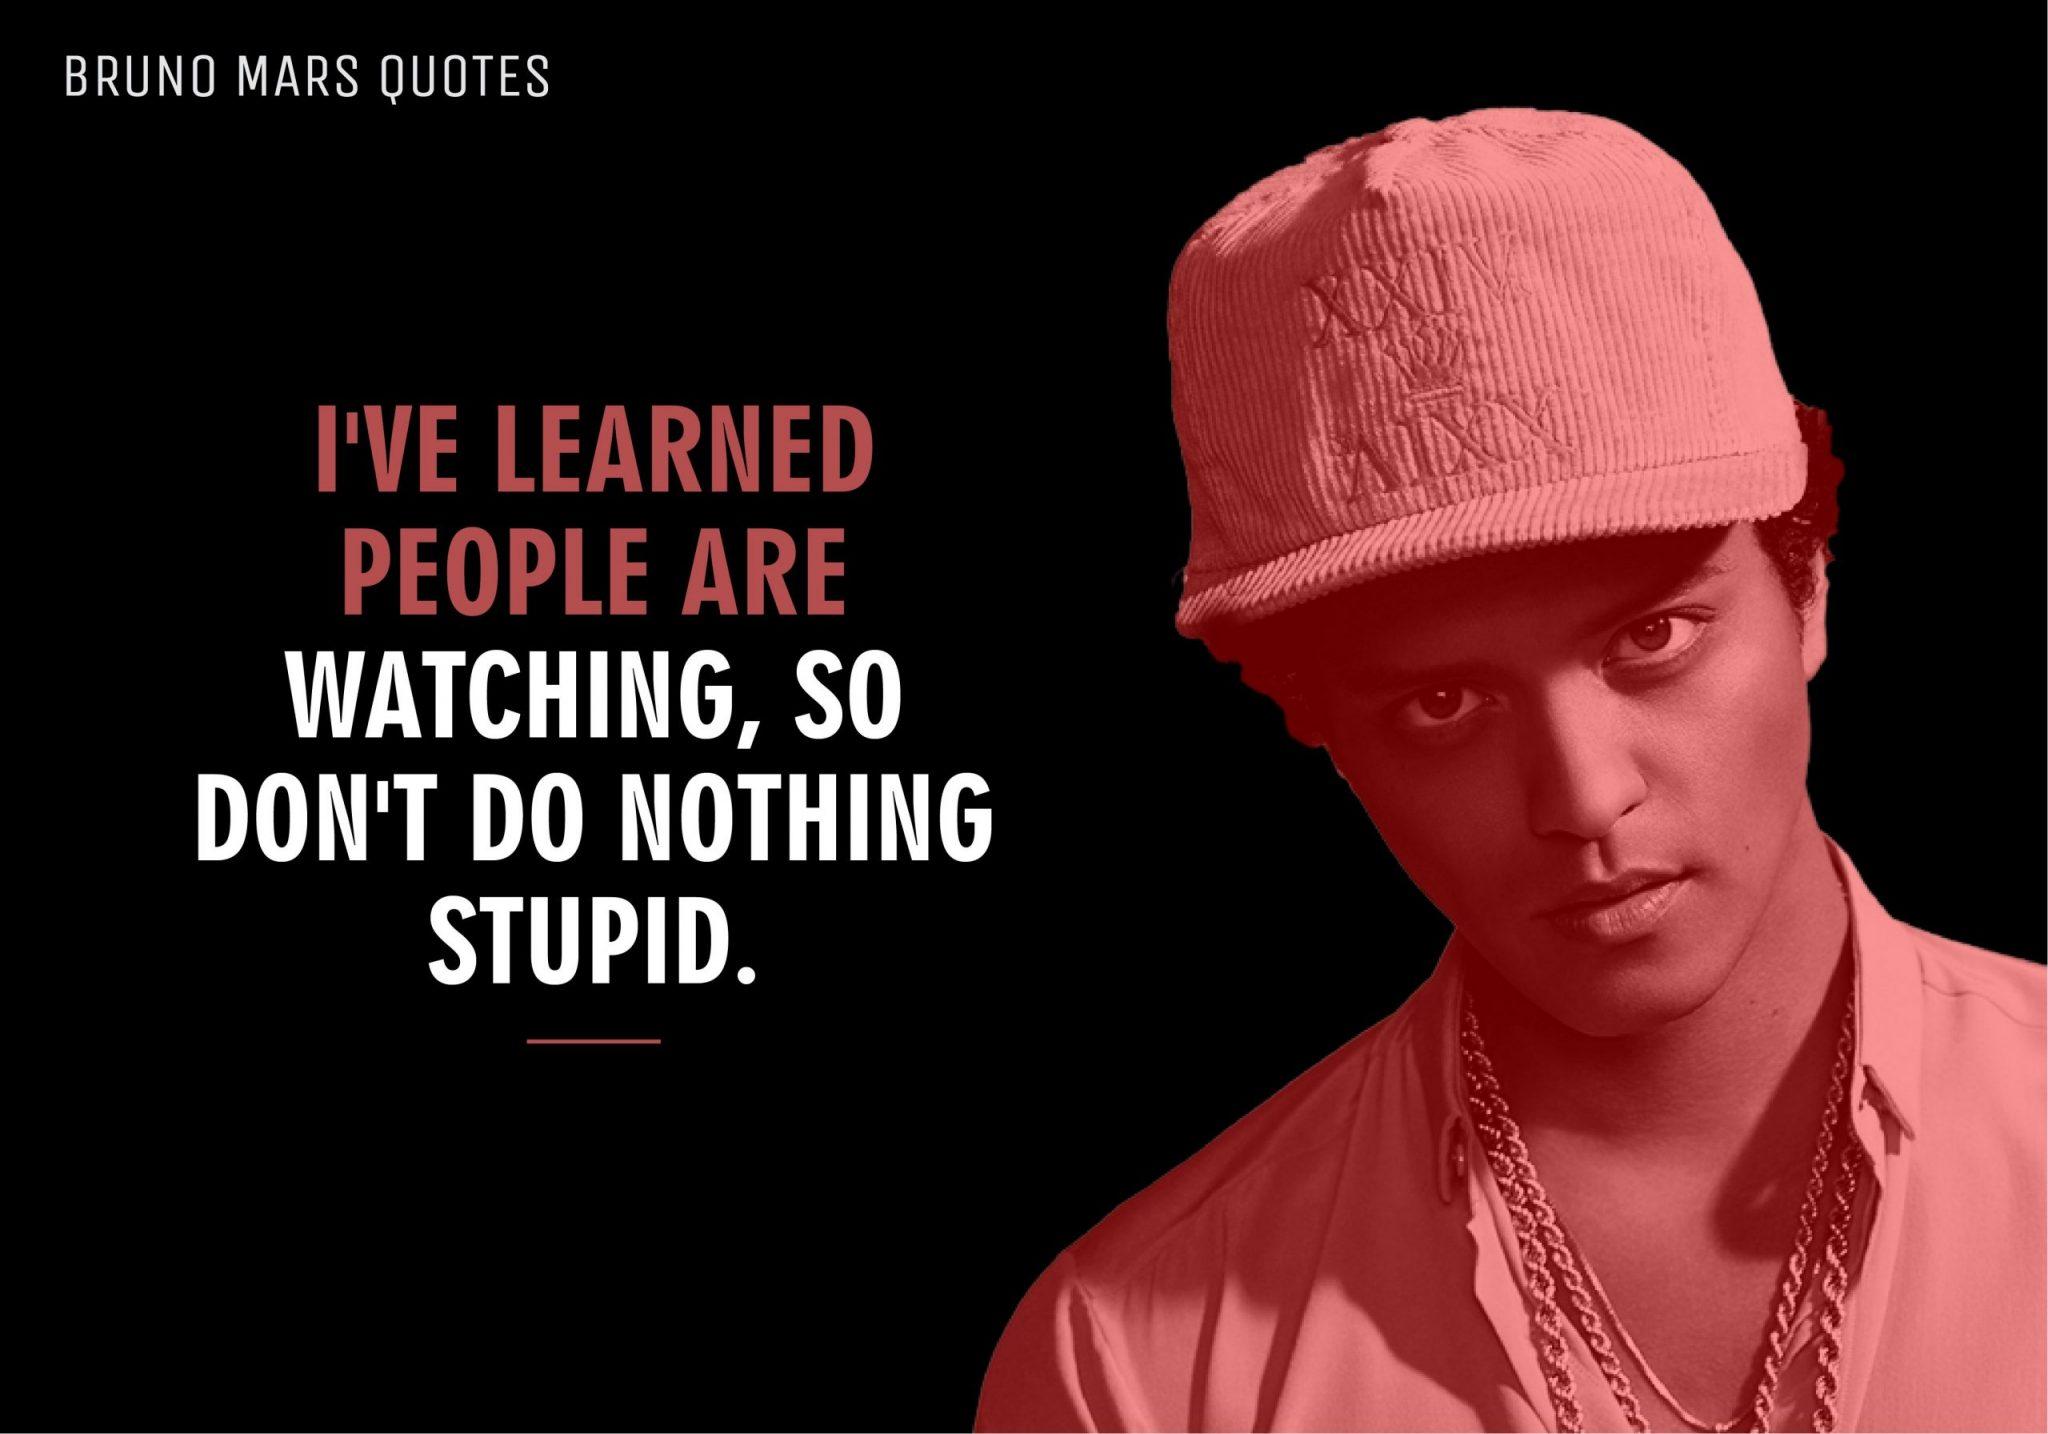 Bruno Mars Quotes (12)